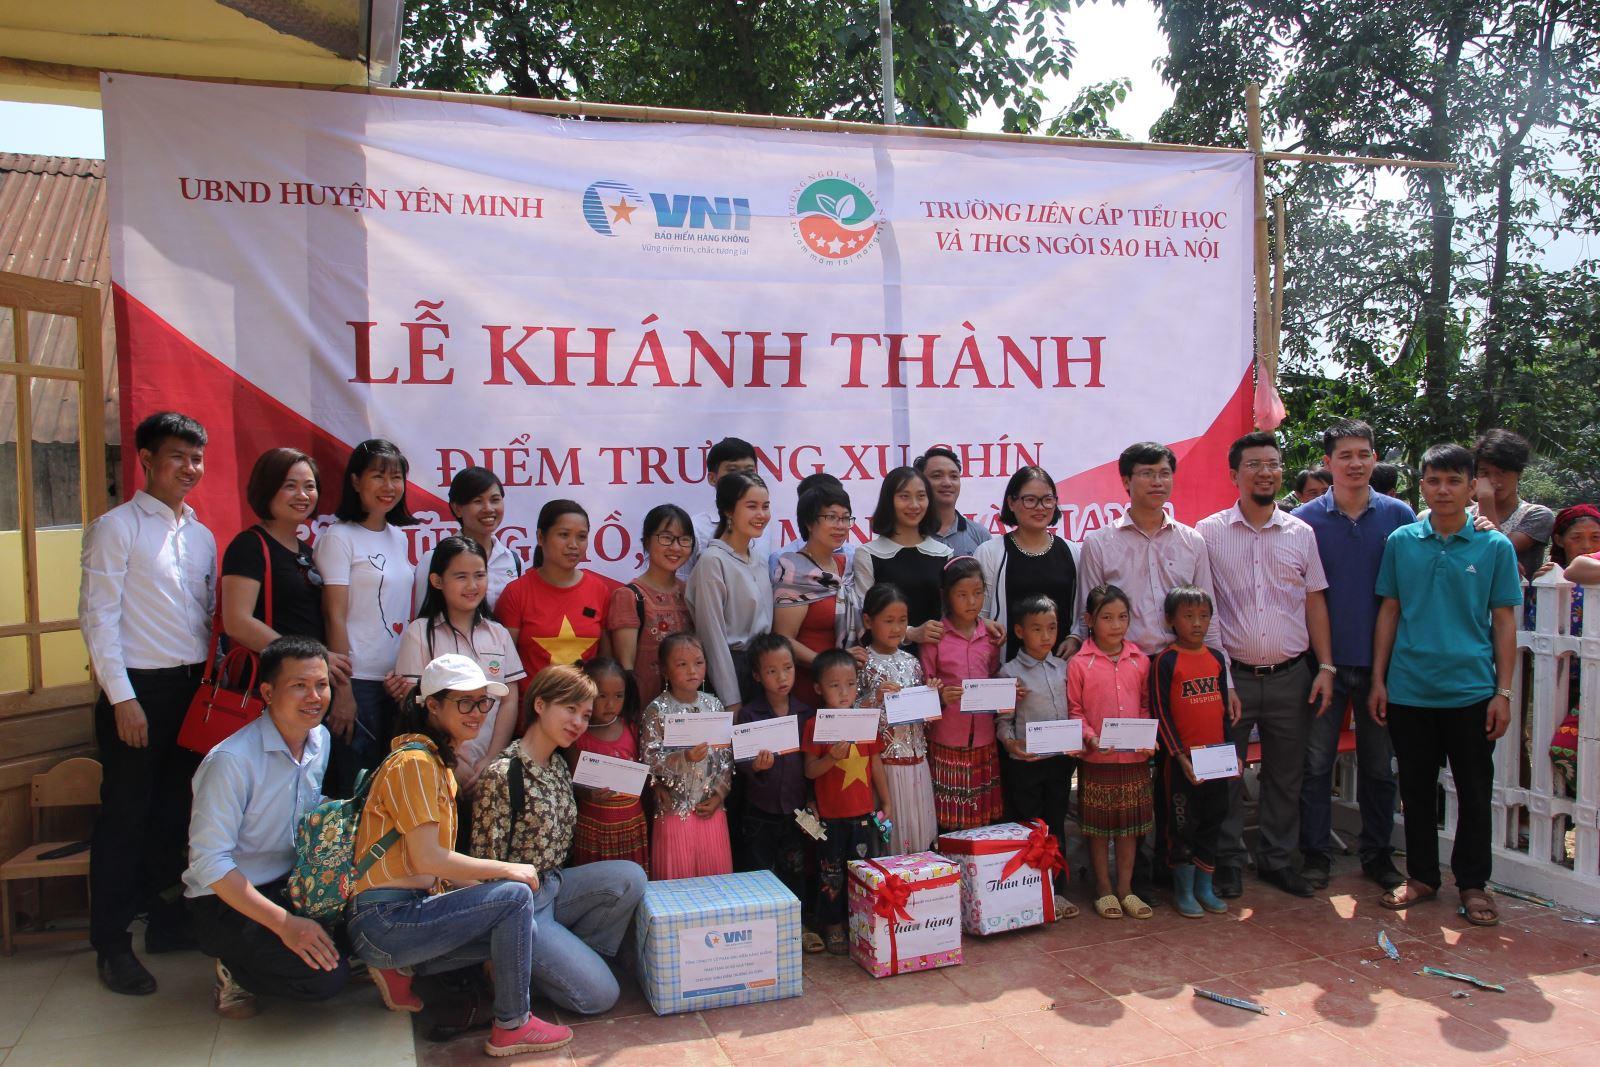 VNI chia sẻ yêu thương đến các em học sinh điểm trường Xu Chín, Hà Giang